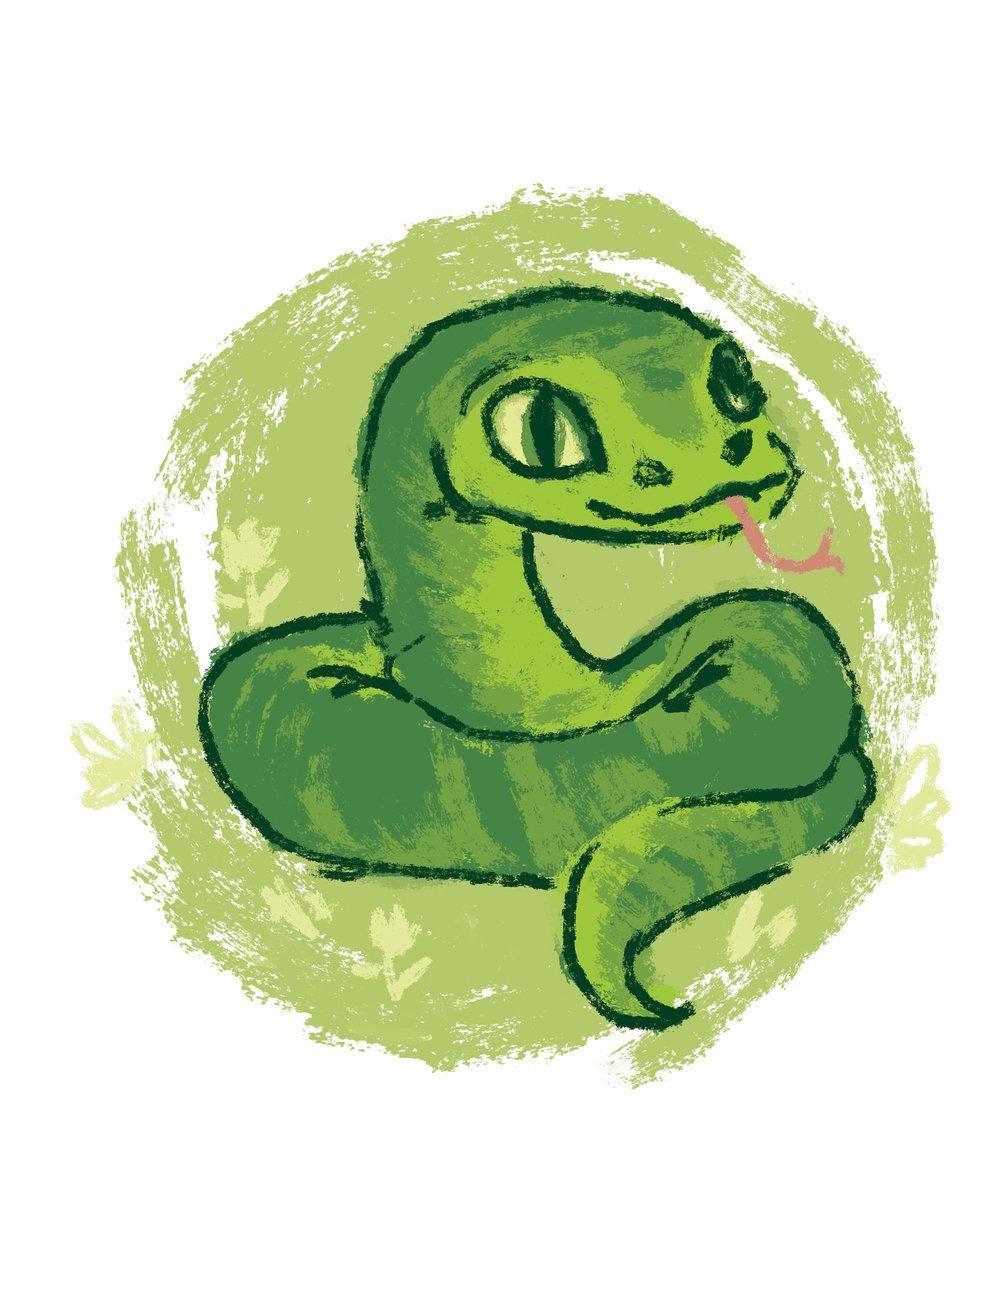 MeganLittle_snake.jpg